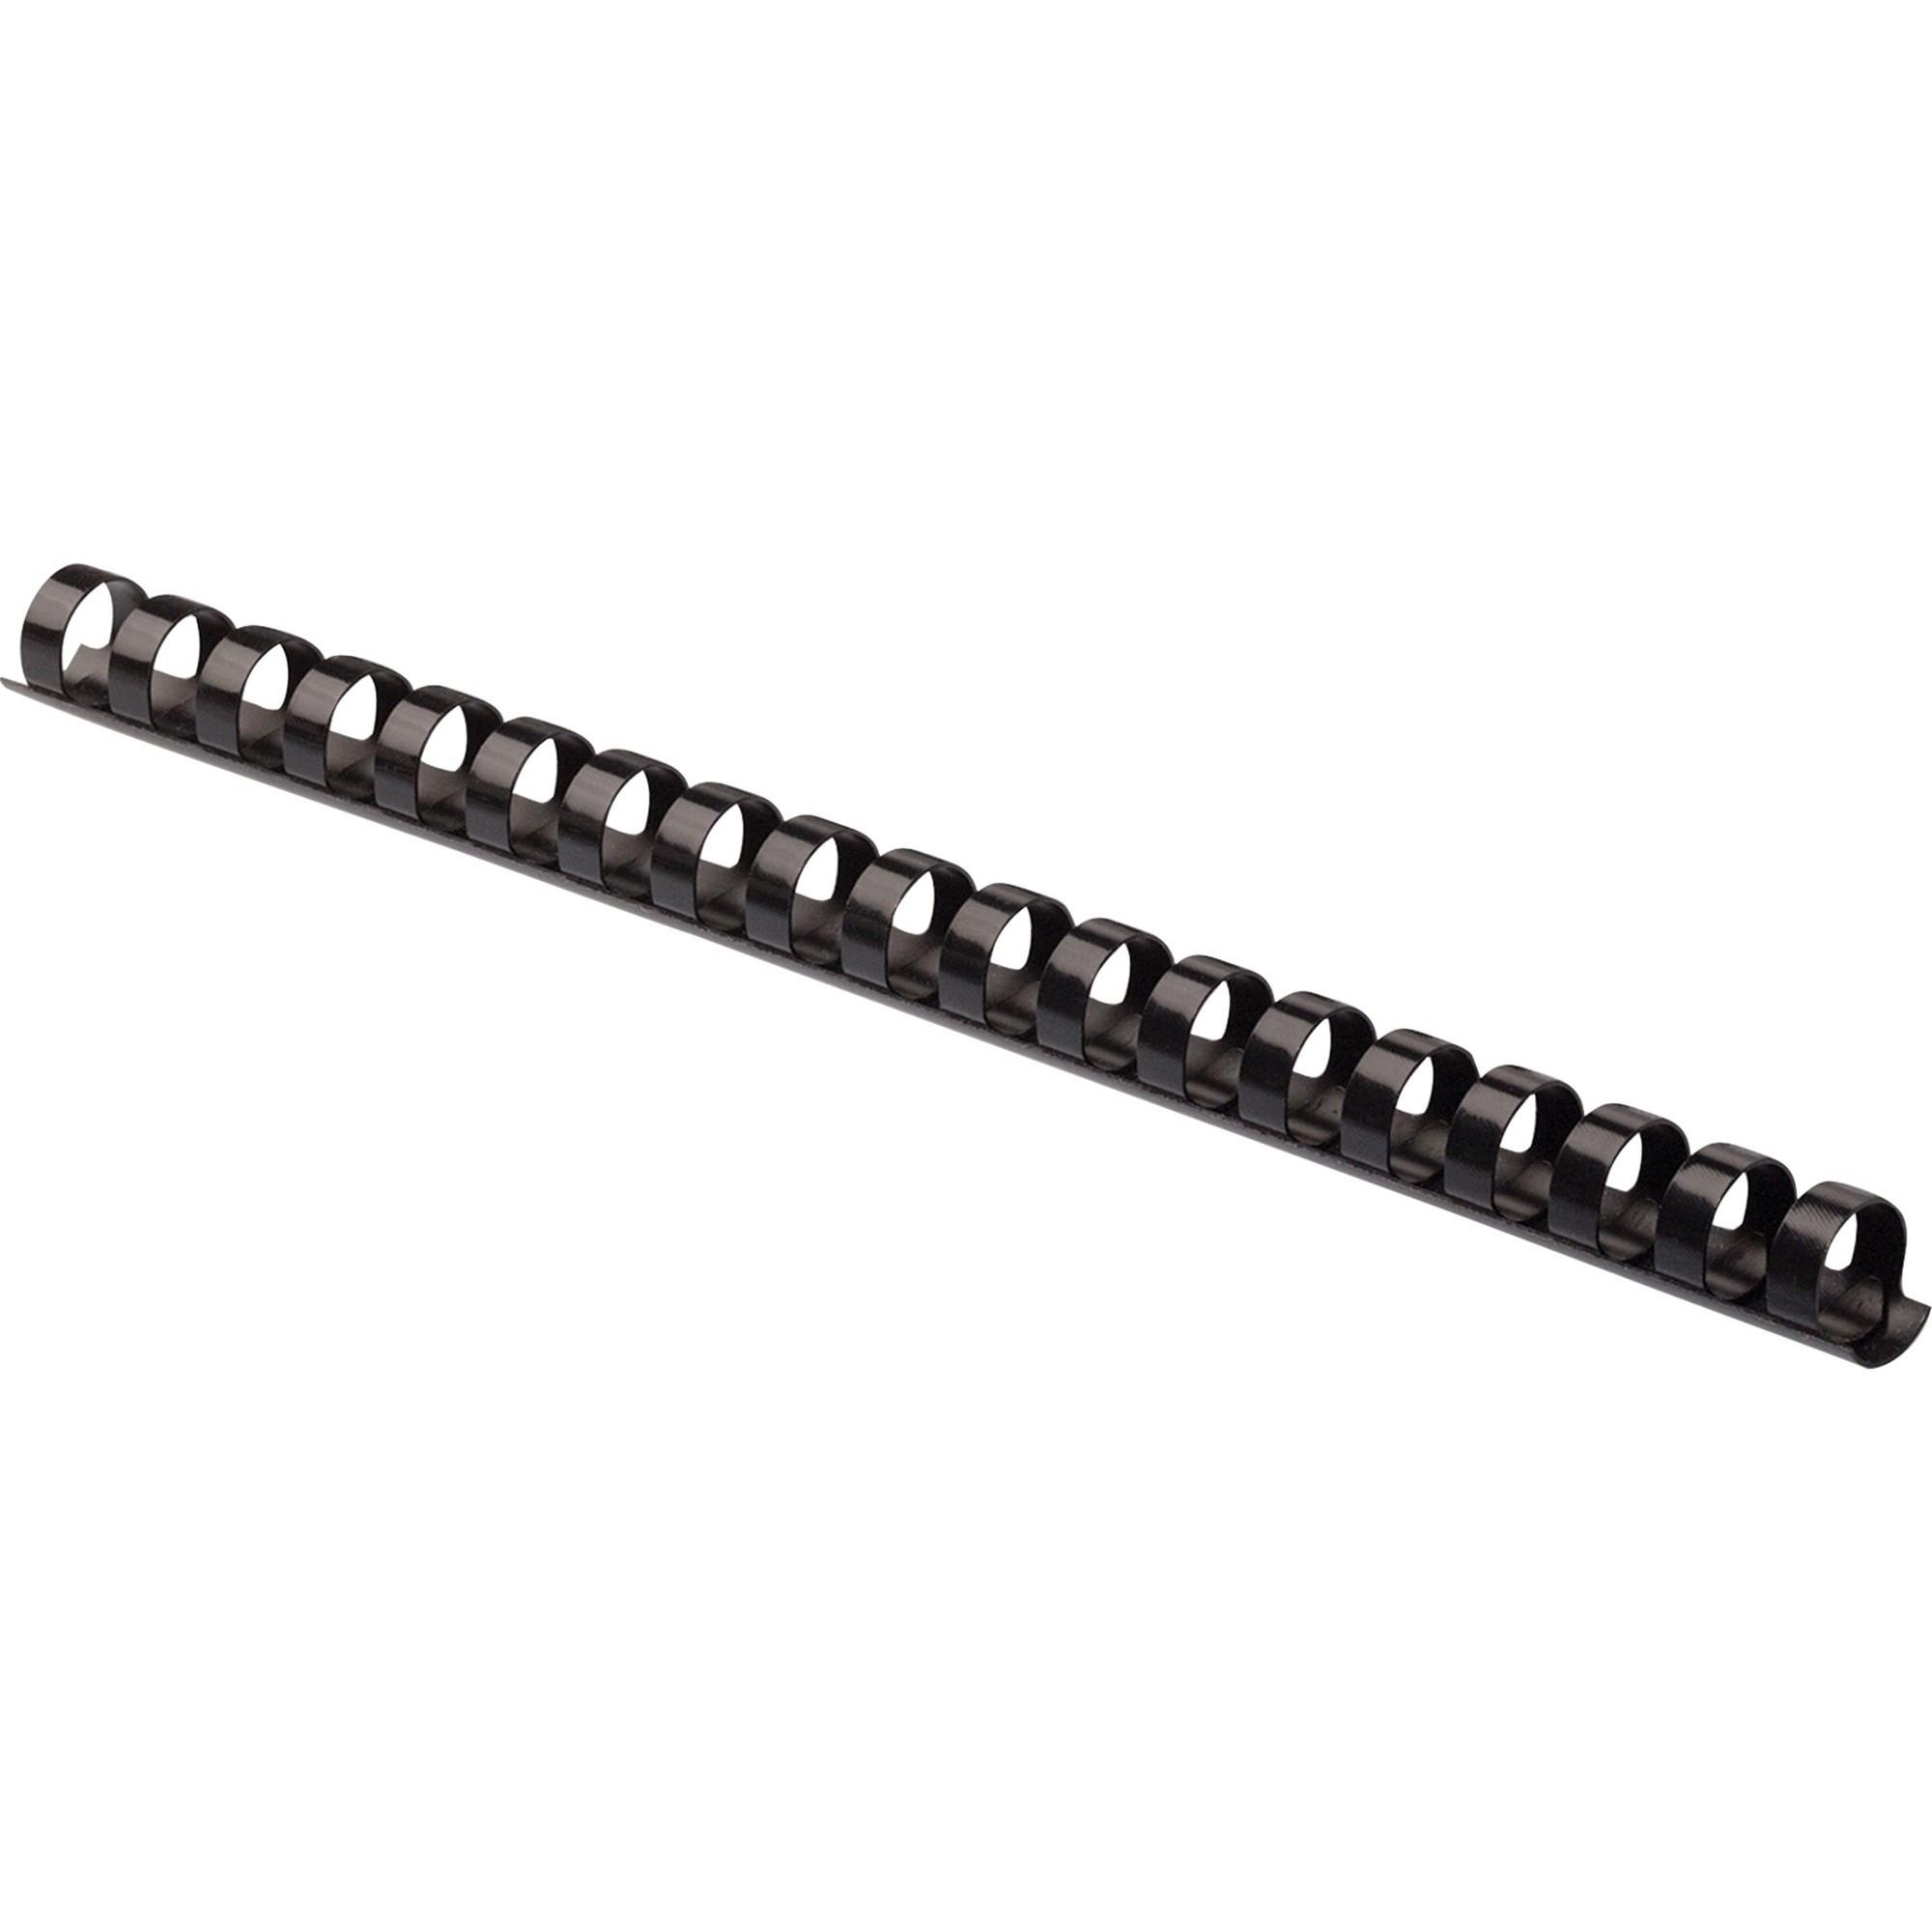 """Plastic Comb Bindings, 5/8"""" Diameter, 120 Sheet Capacity, Black, 100 Combs/Pack"""